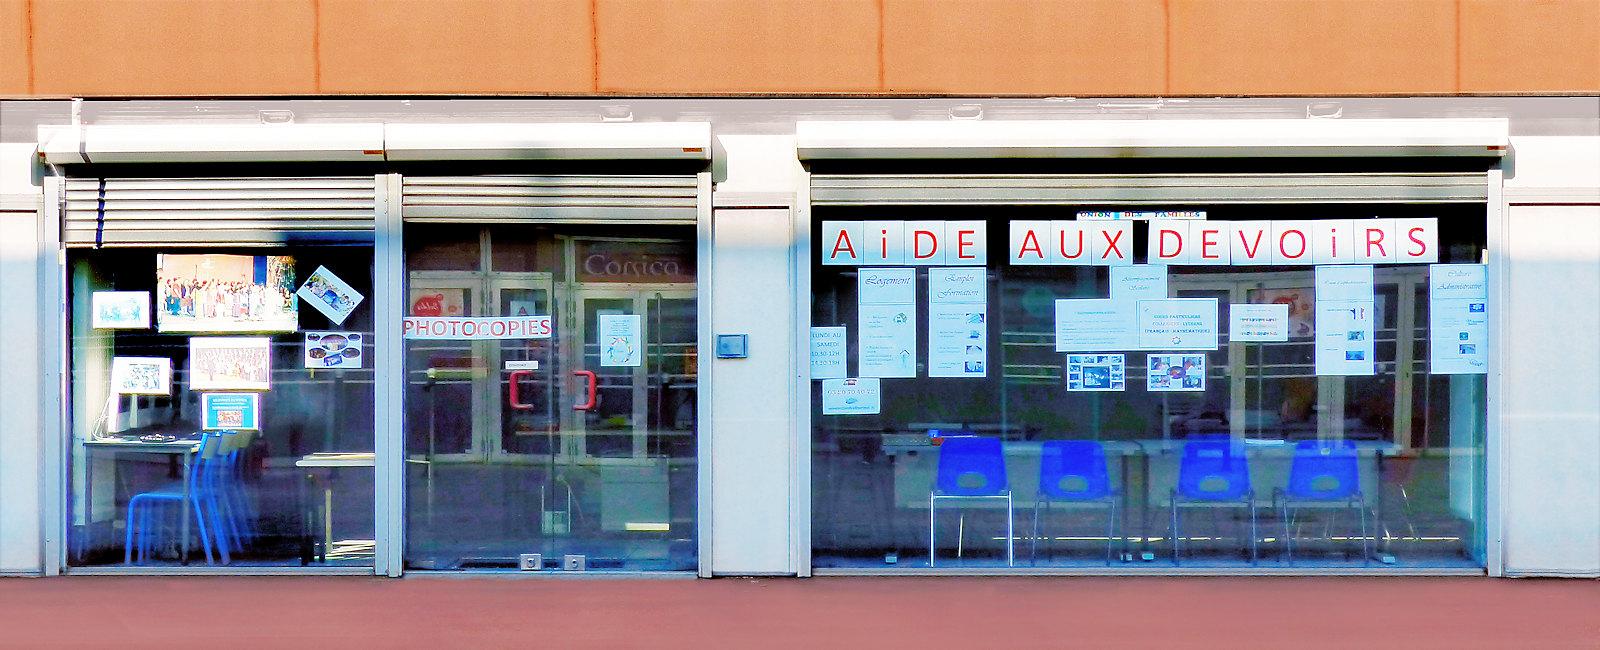 Union des Familles de Tourcoing UFT - Promenade de la Fraternité.